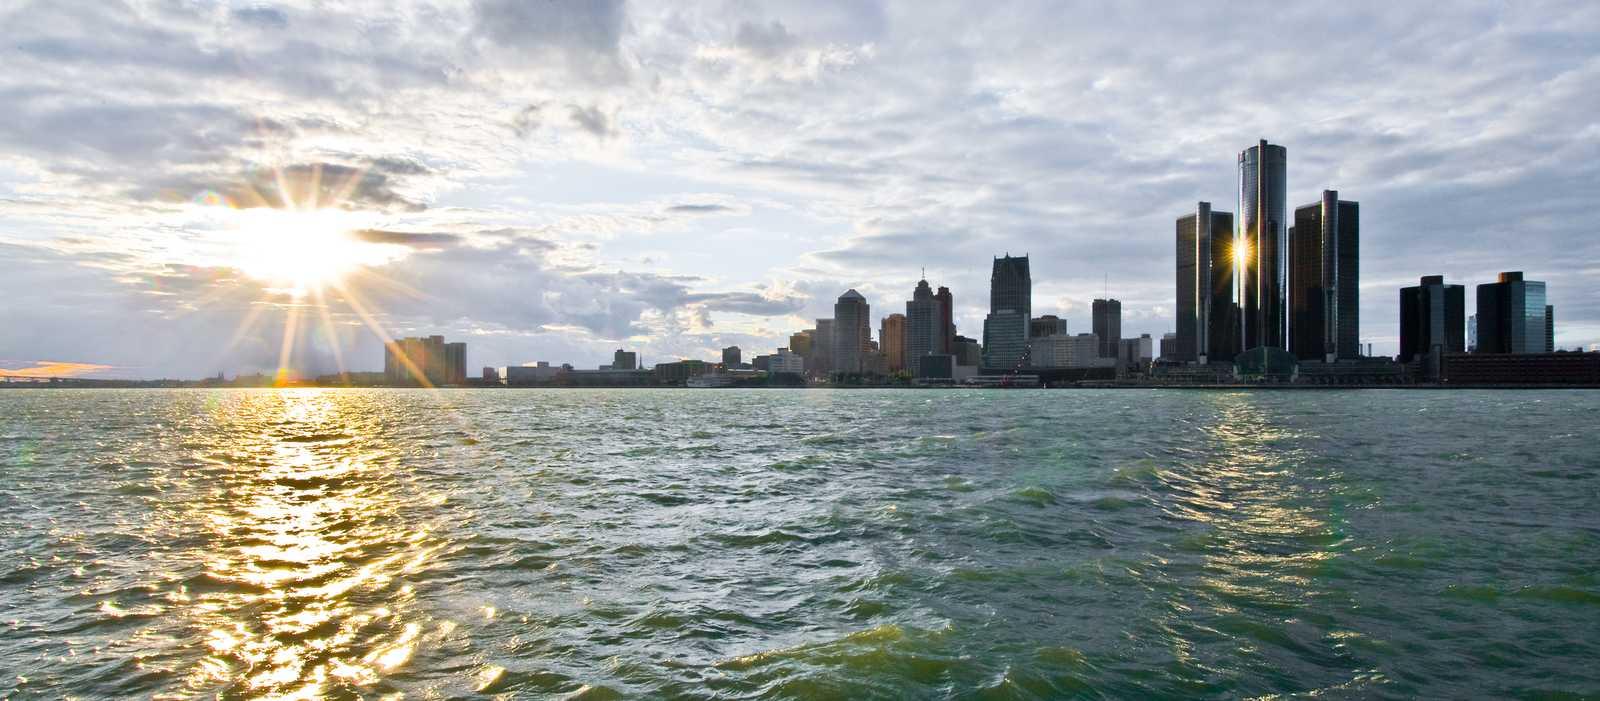 Ausblick auf die Skyline von Detroit